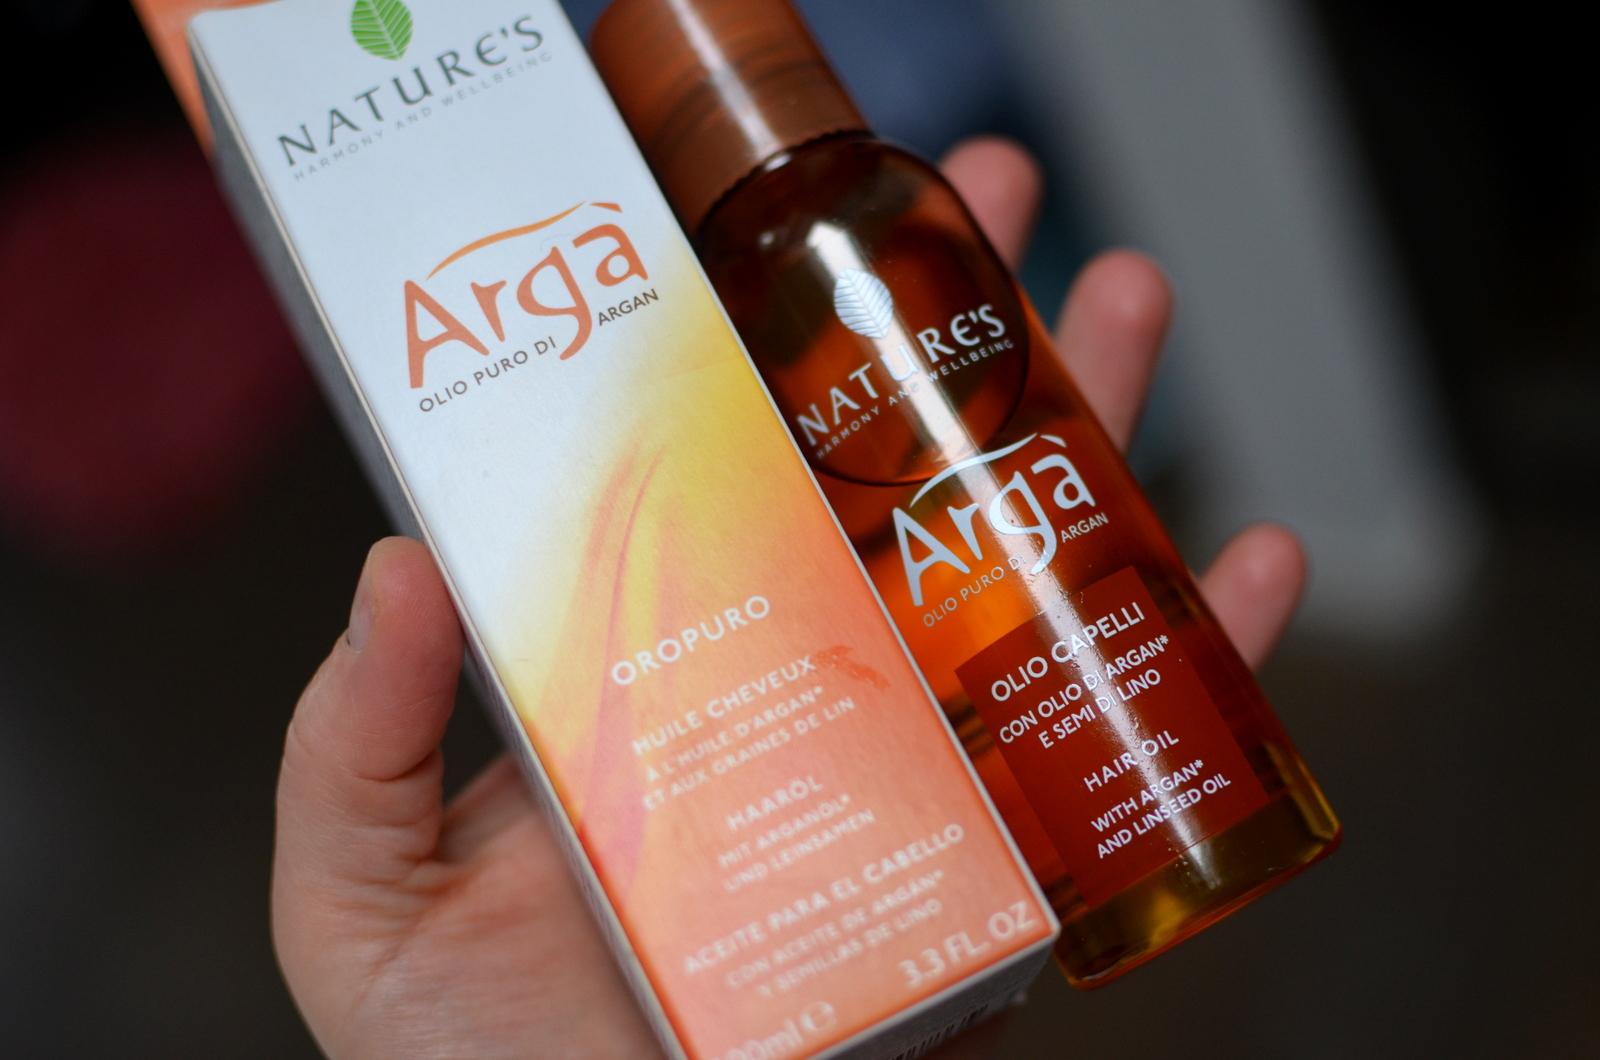 shampoo balsamo e olio di argan (9)